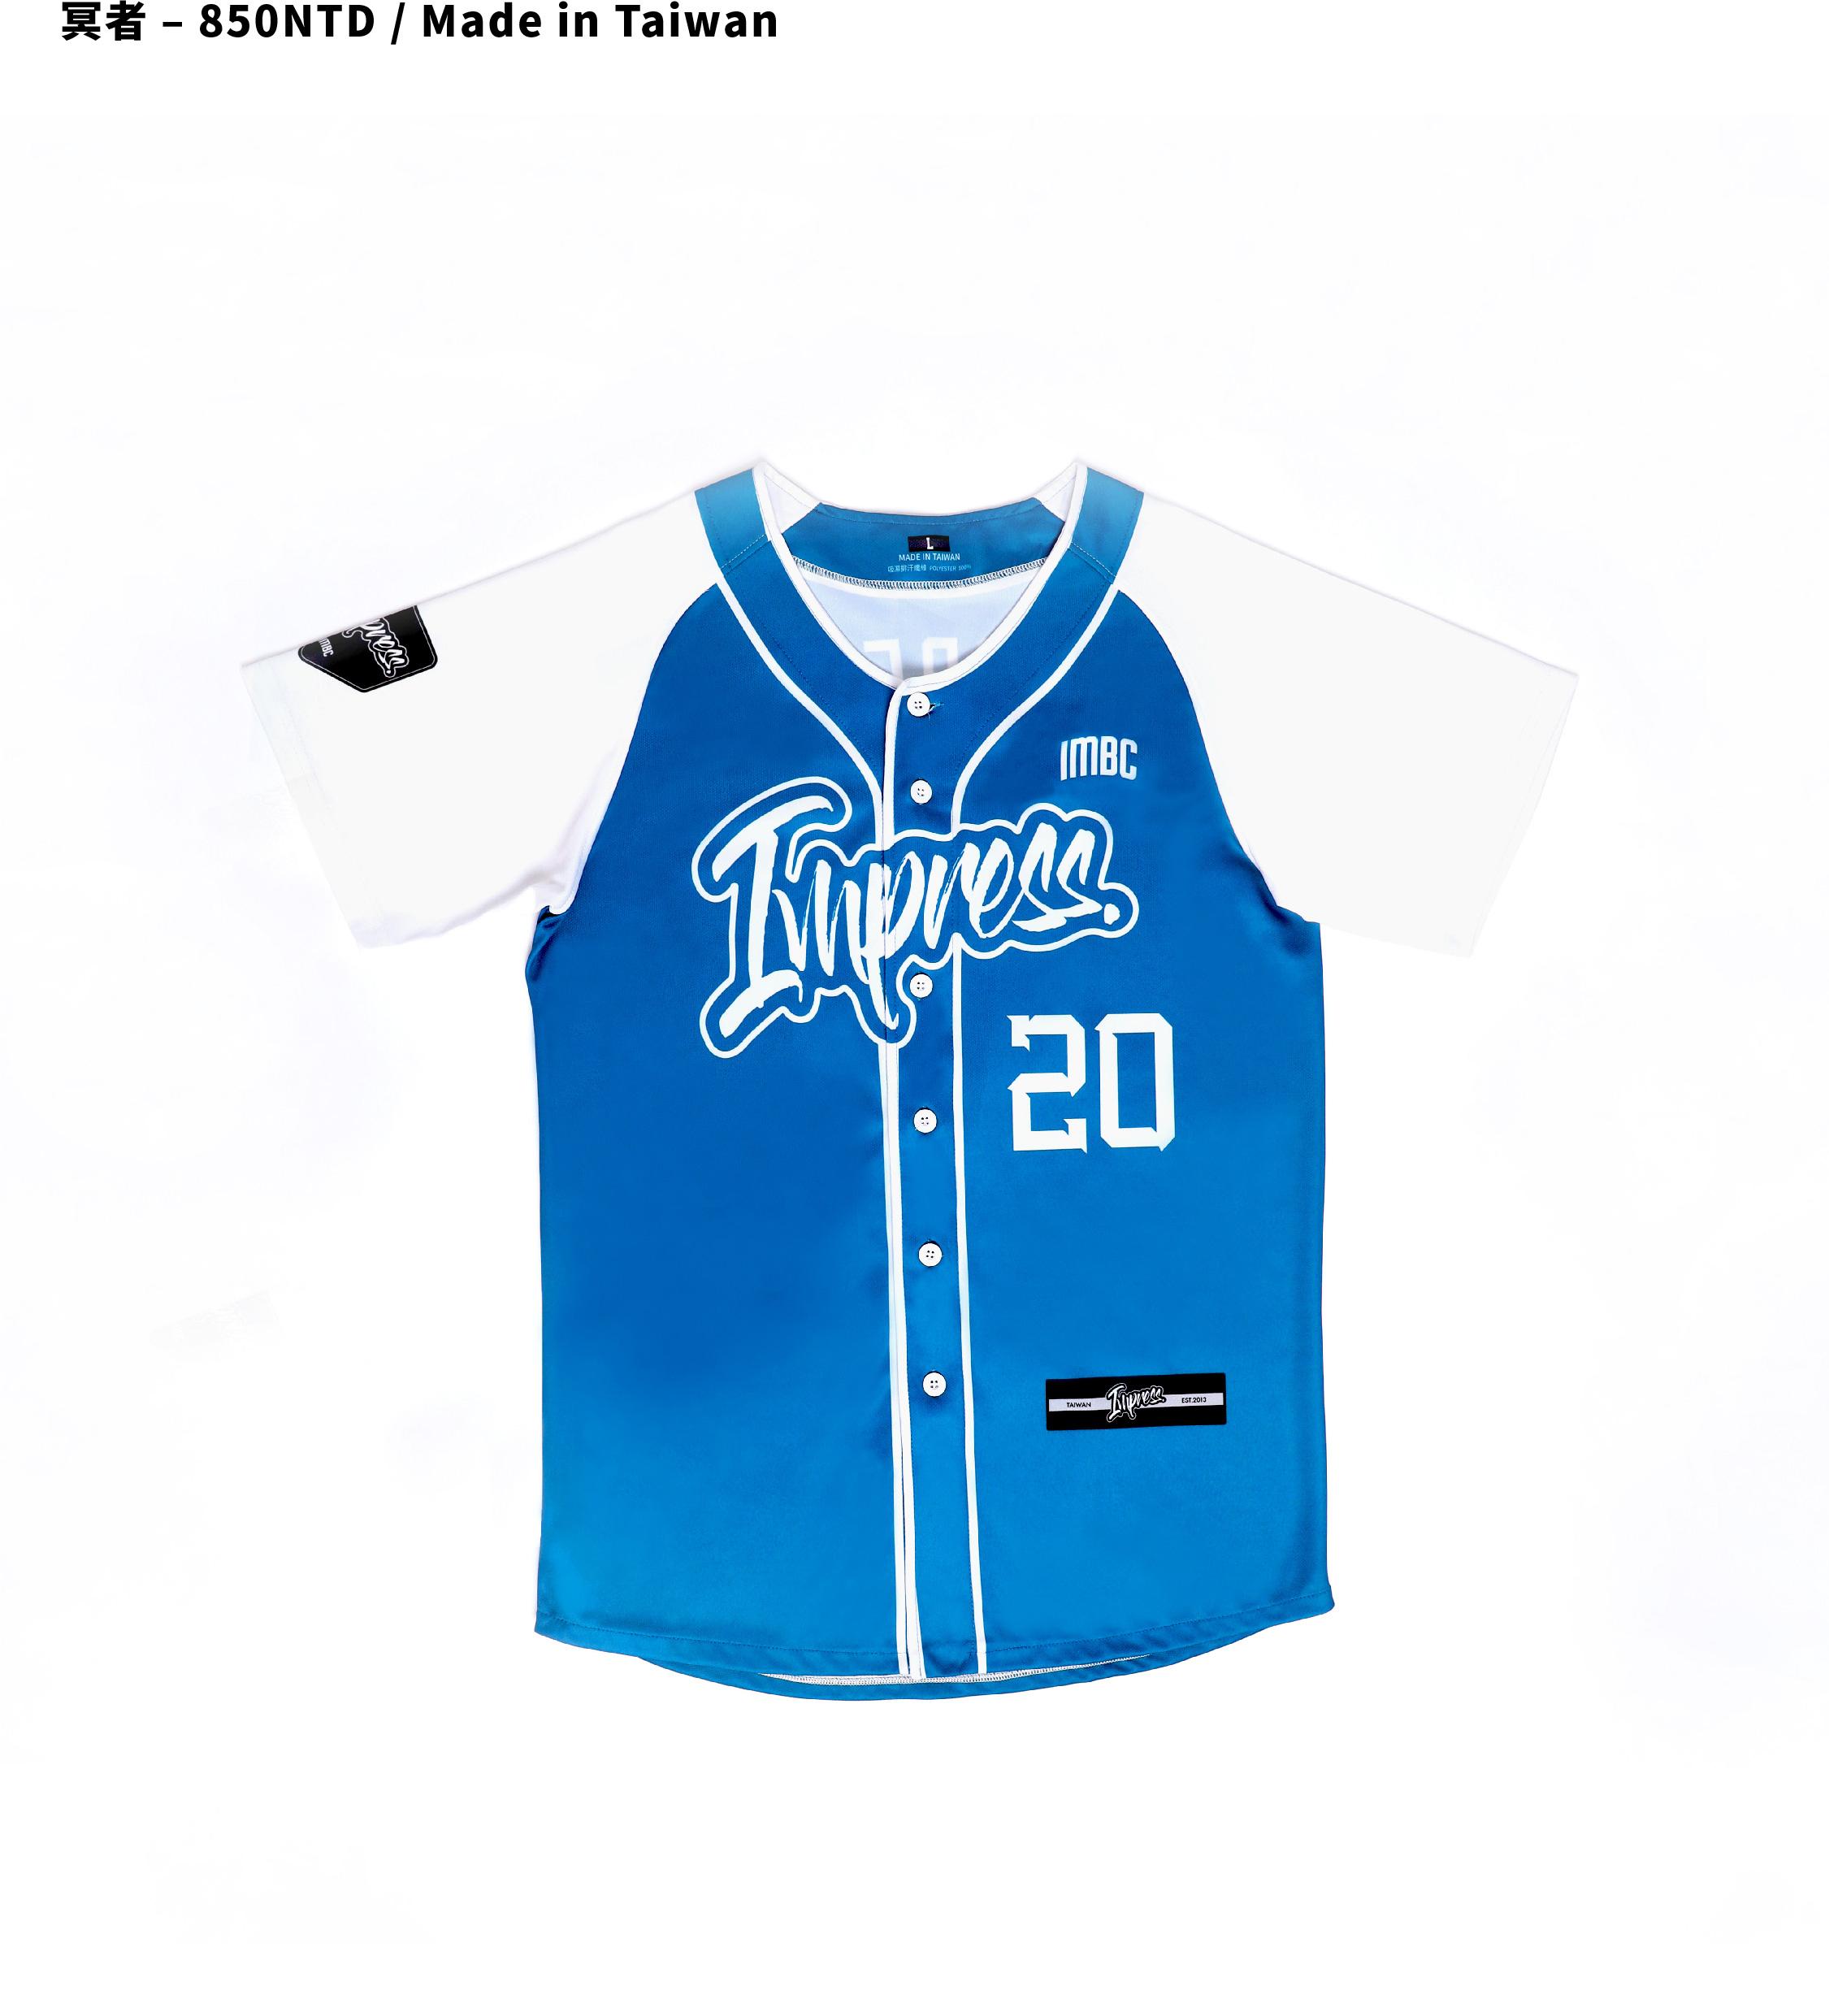 棒壘球衣訂做-1